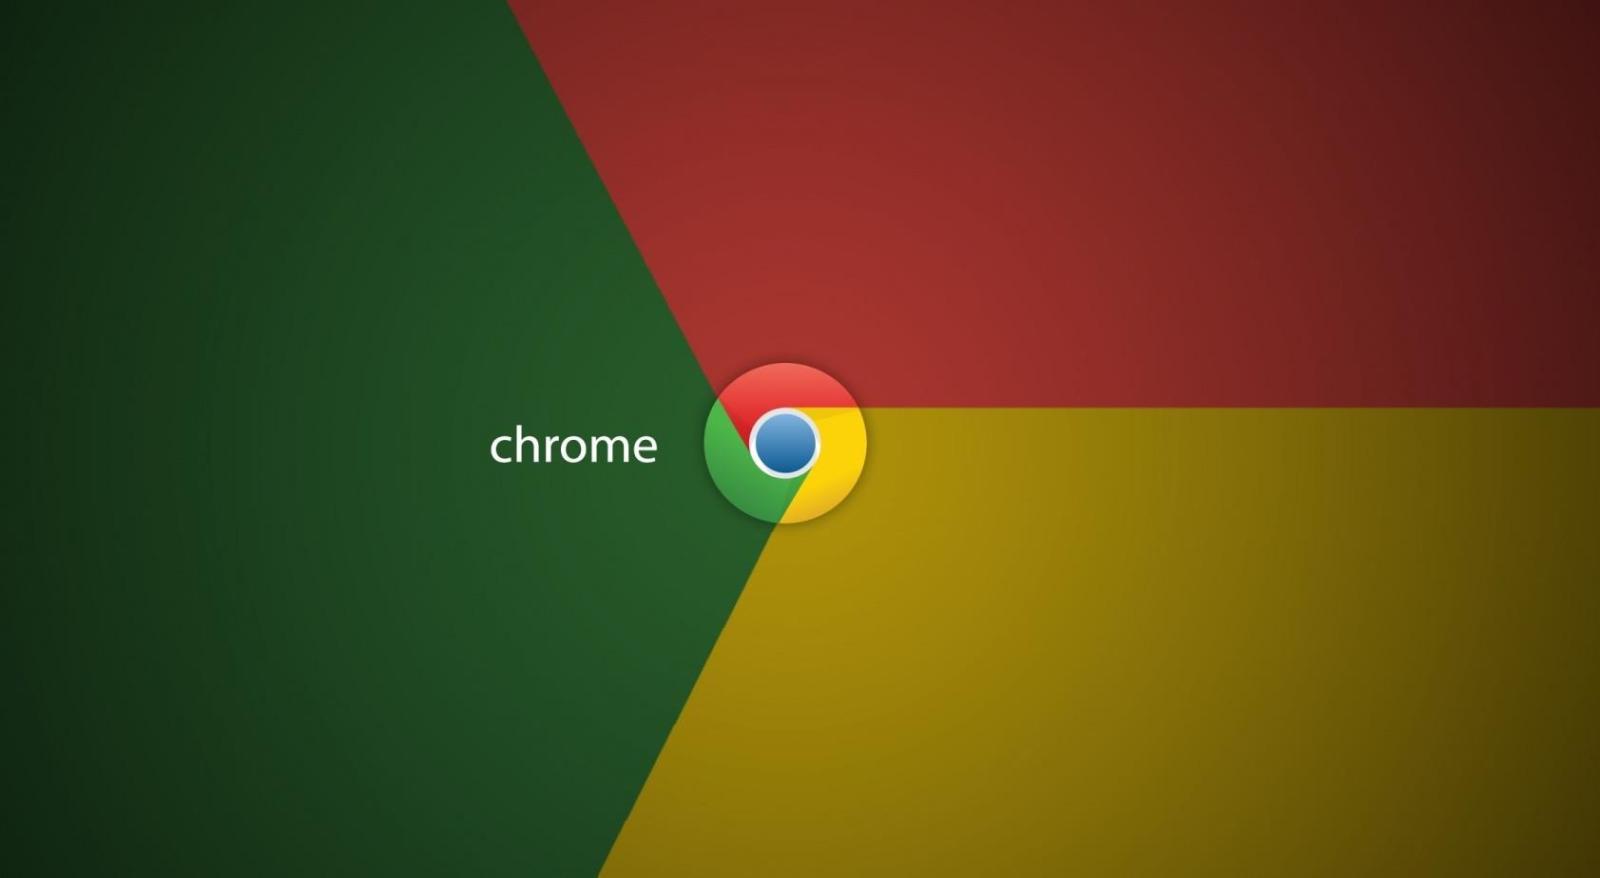 مرورگر گوگل شکل جدیدی به خود میگیرد +عکس